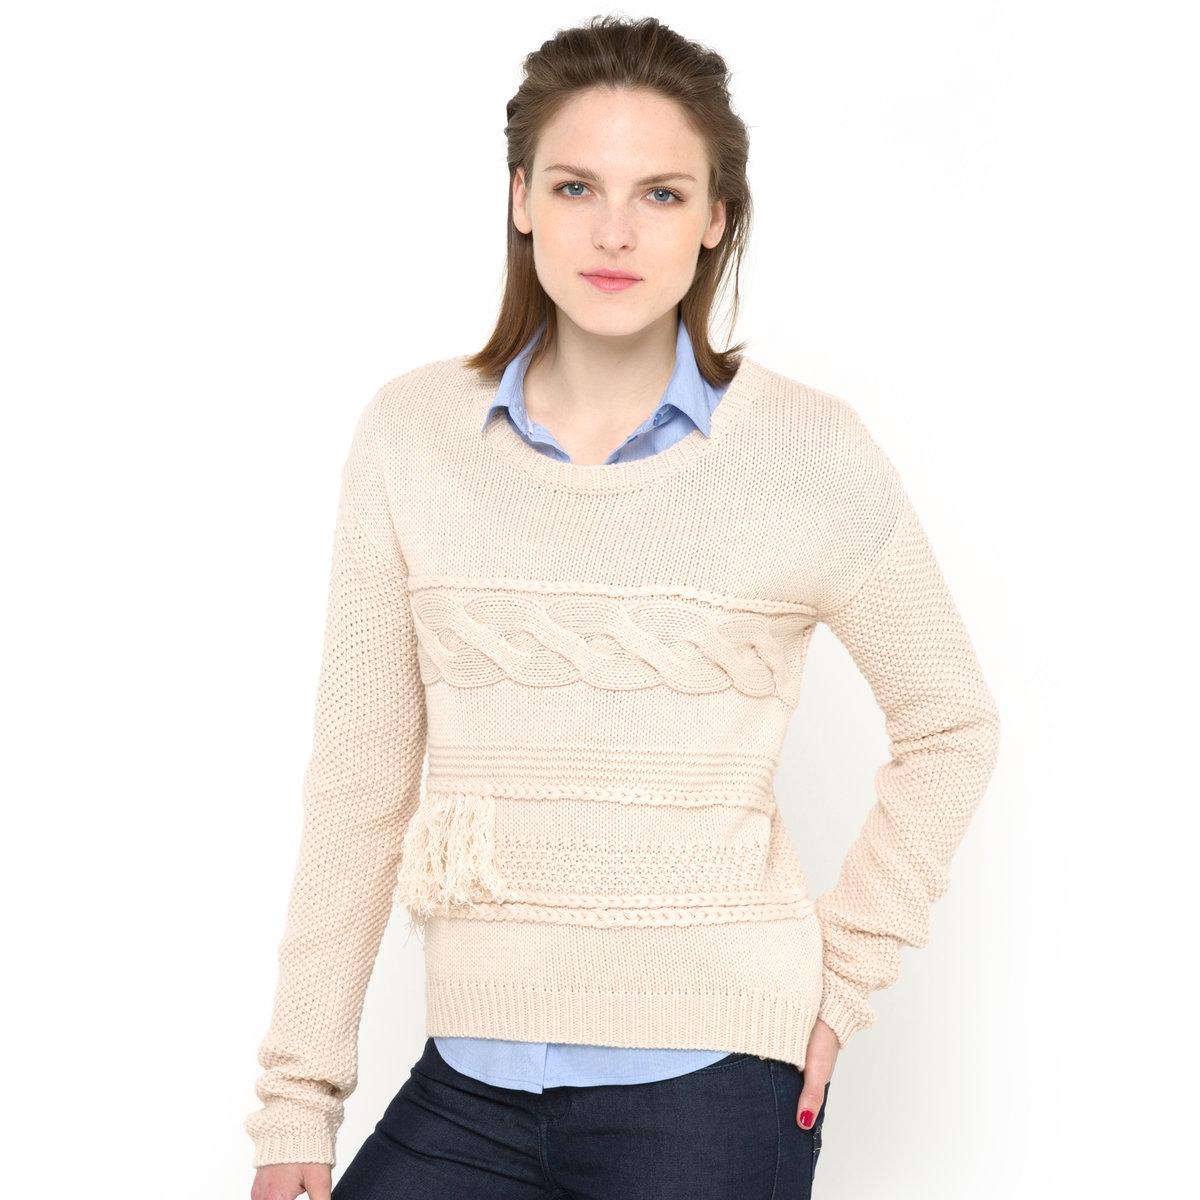 Пуловер с узором косы и бахромойПуловер из узорного трикотажа, 100% акрила. Узор косы и бахрома. Круглый вырез. Длинные рукава. Края связаны в рубчик. Длина ок. 57 см.<br><br>Цвет: экрю<br>Размер: 46/48 (FR) - 52/54 (RUS)